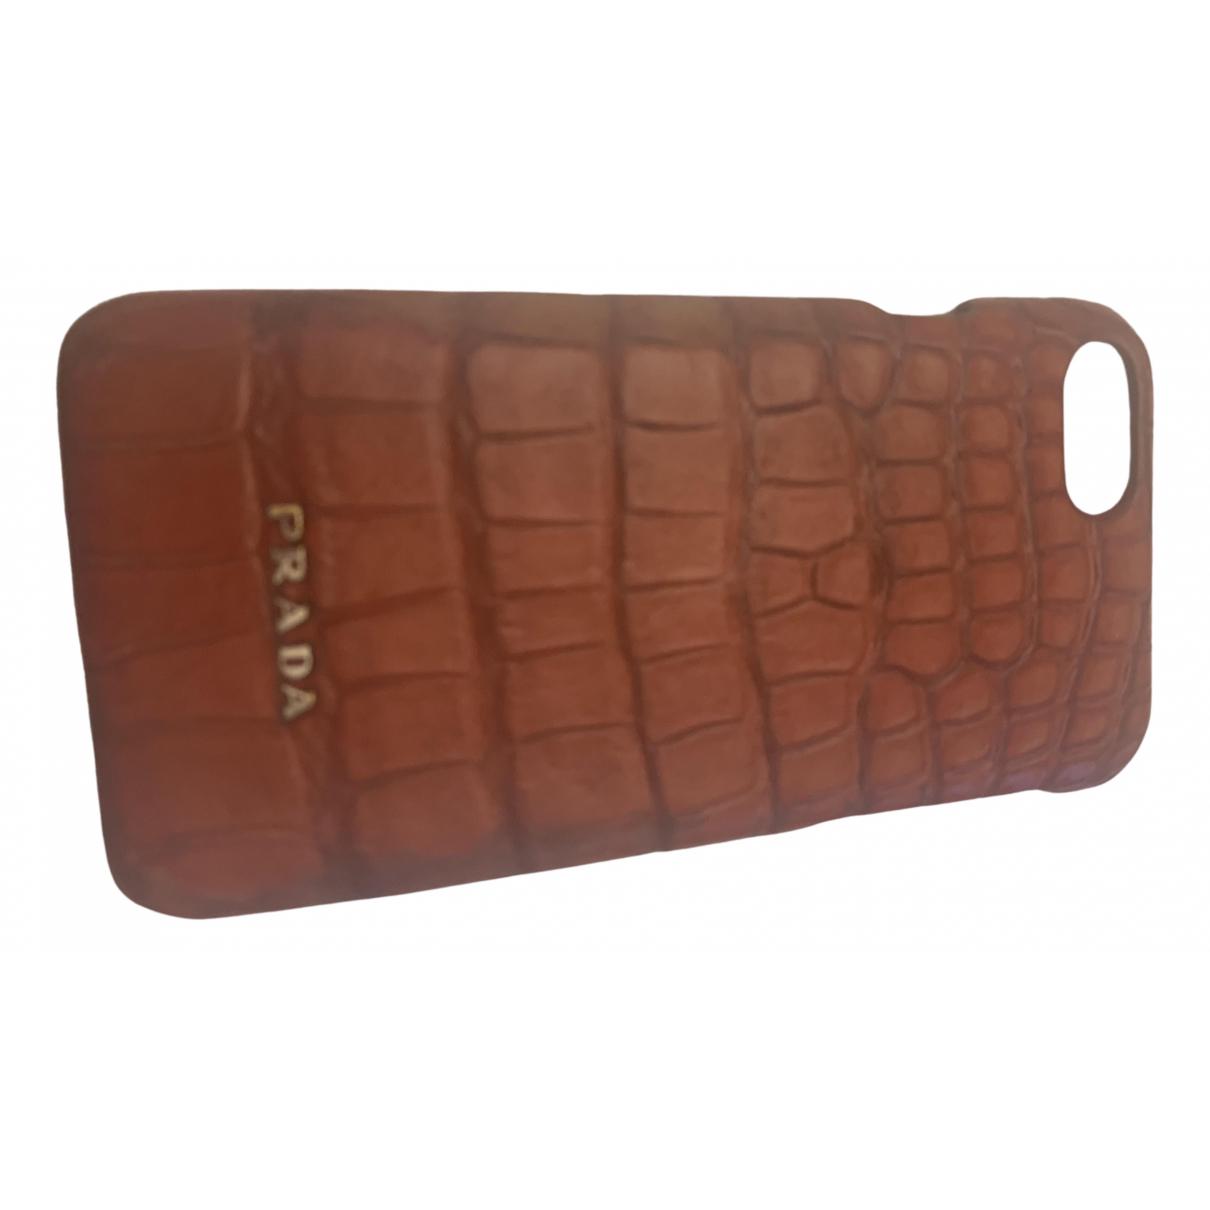 Prada - Accessoires   pour lifestyle en crocodile - rouge